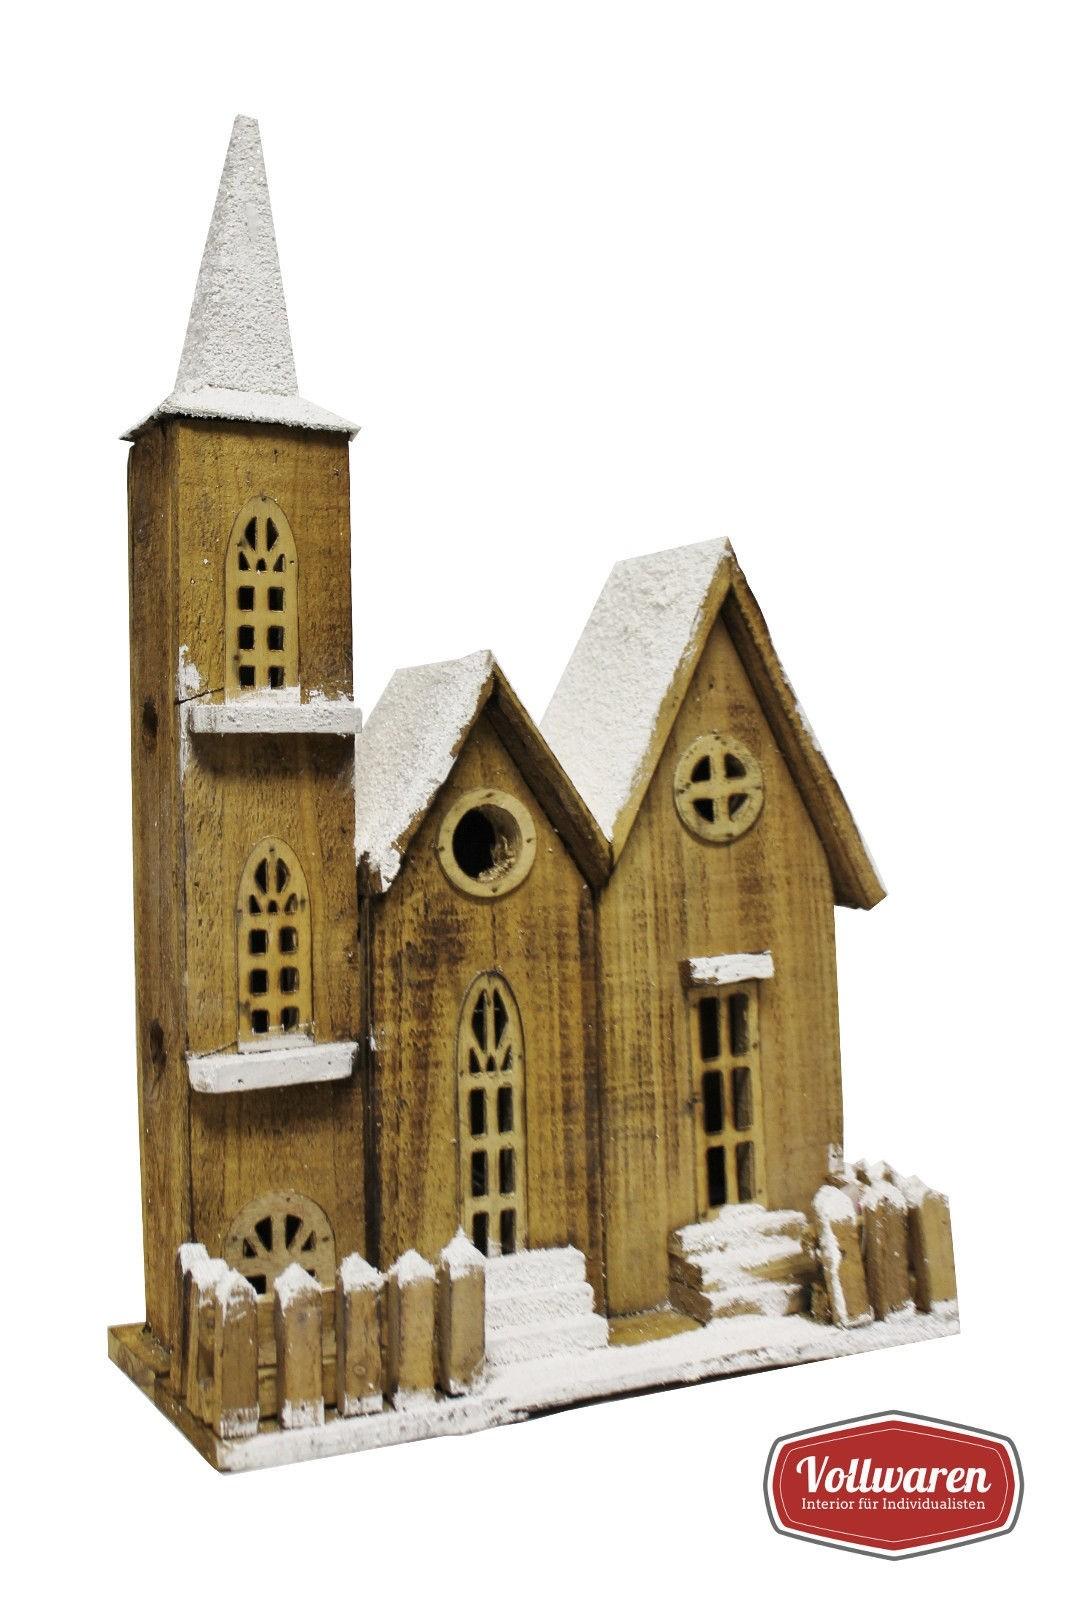 Deko Weihnachtskirche mit Beleuchtung